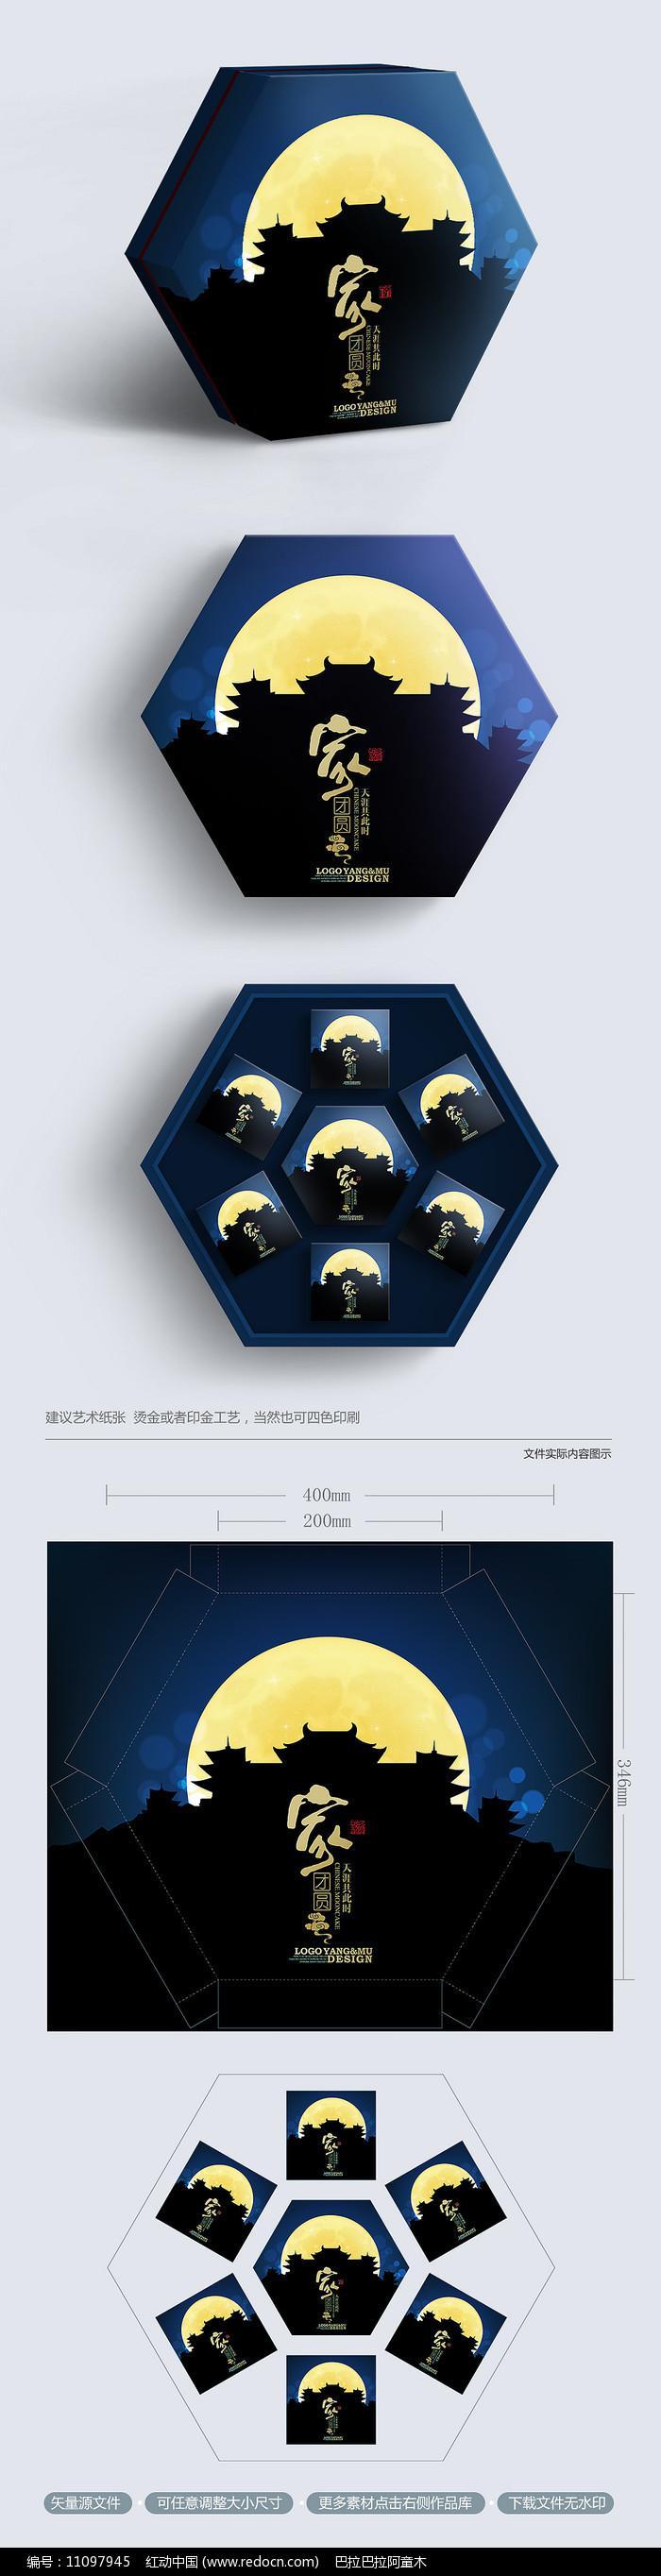 创意唯美简约大气中秋月饼礼盒包装图片